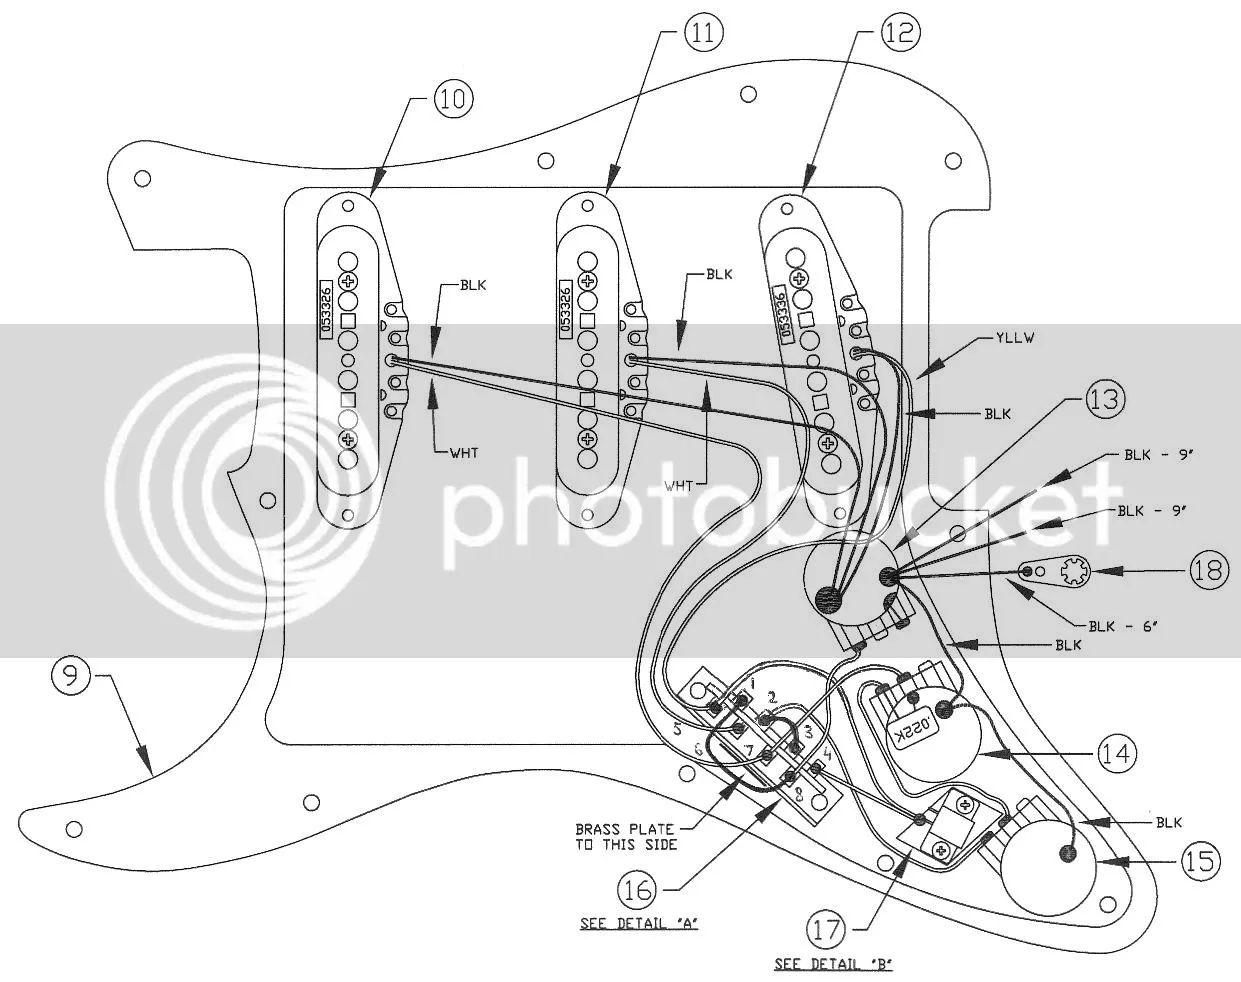 fender sss wiring diagram wiring diagram schematic